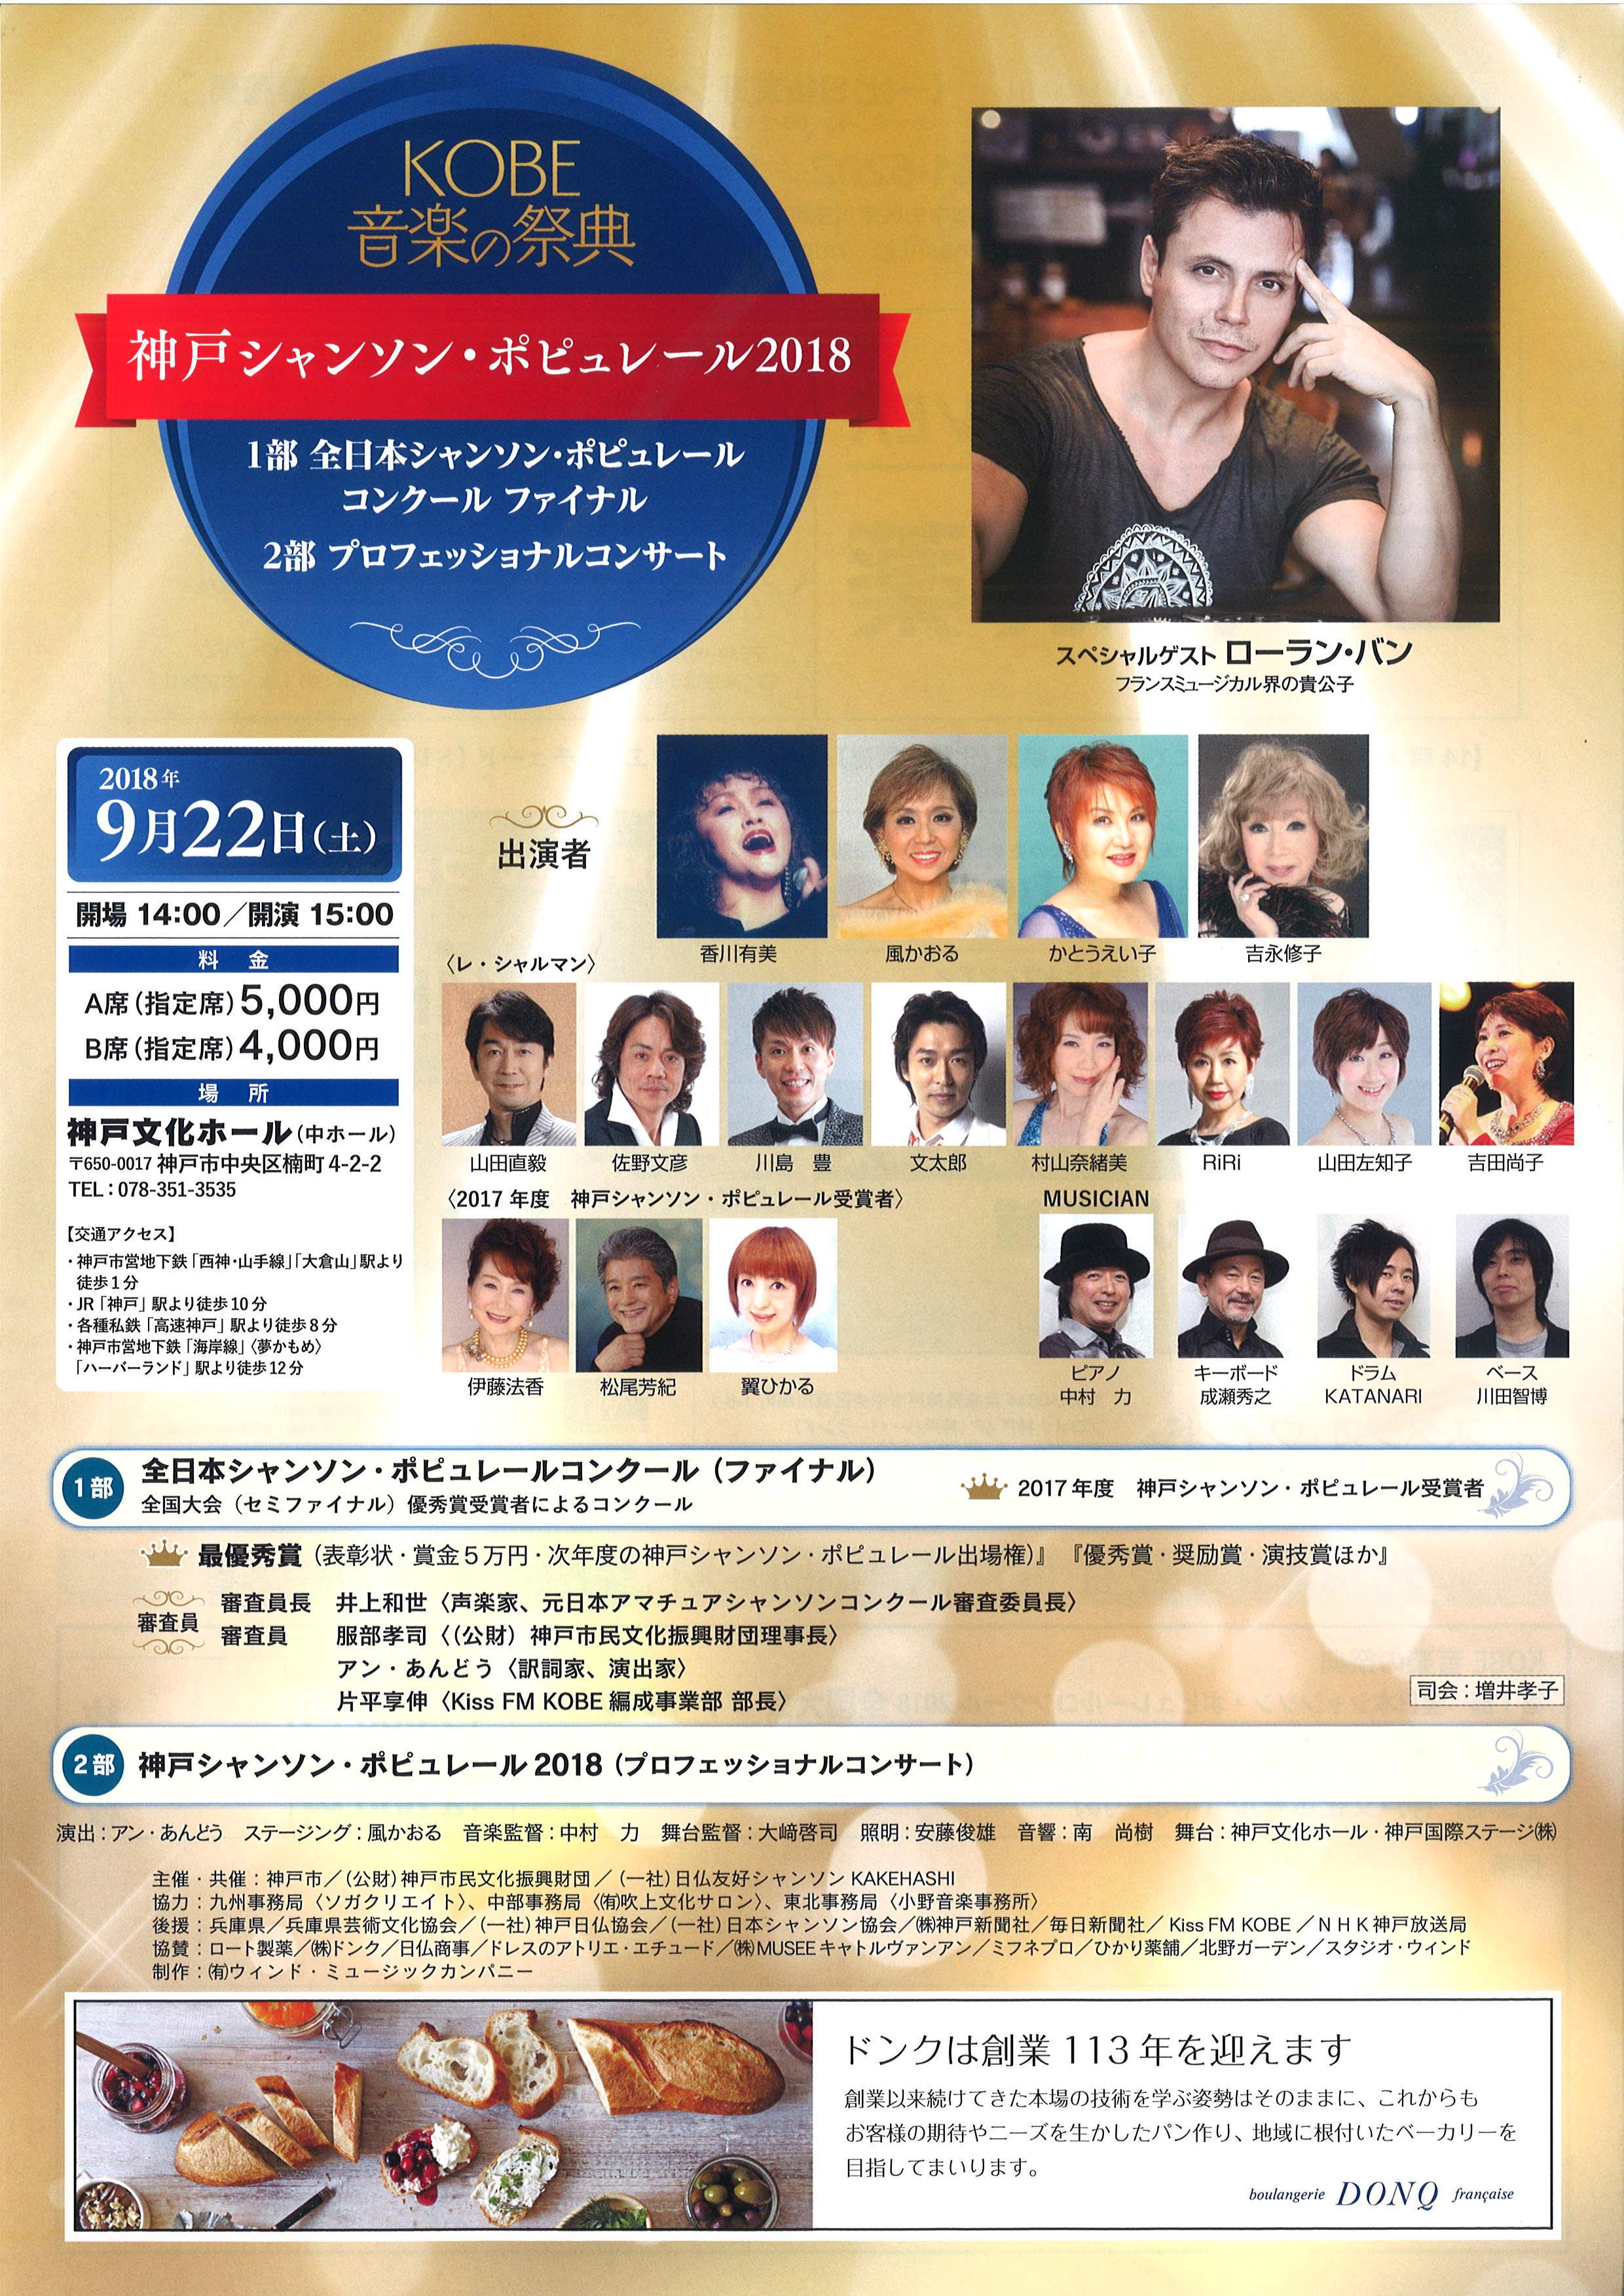 KOBE音楽の祭典 神戸シャンソン・ポピュレール2018